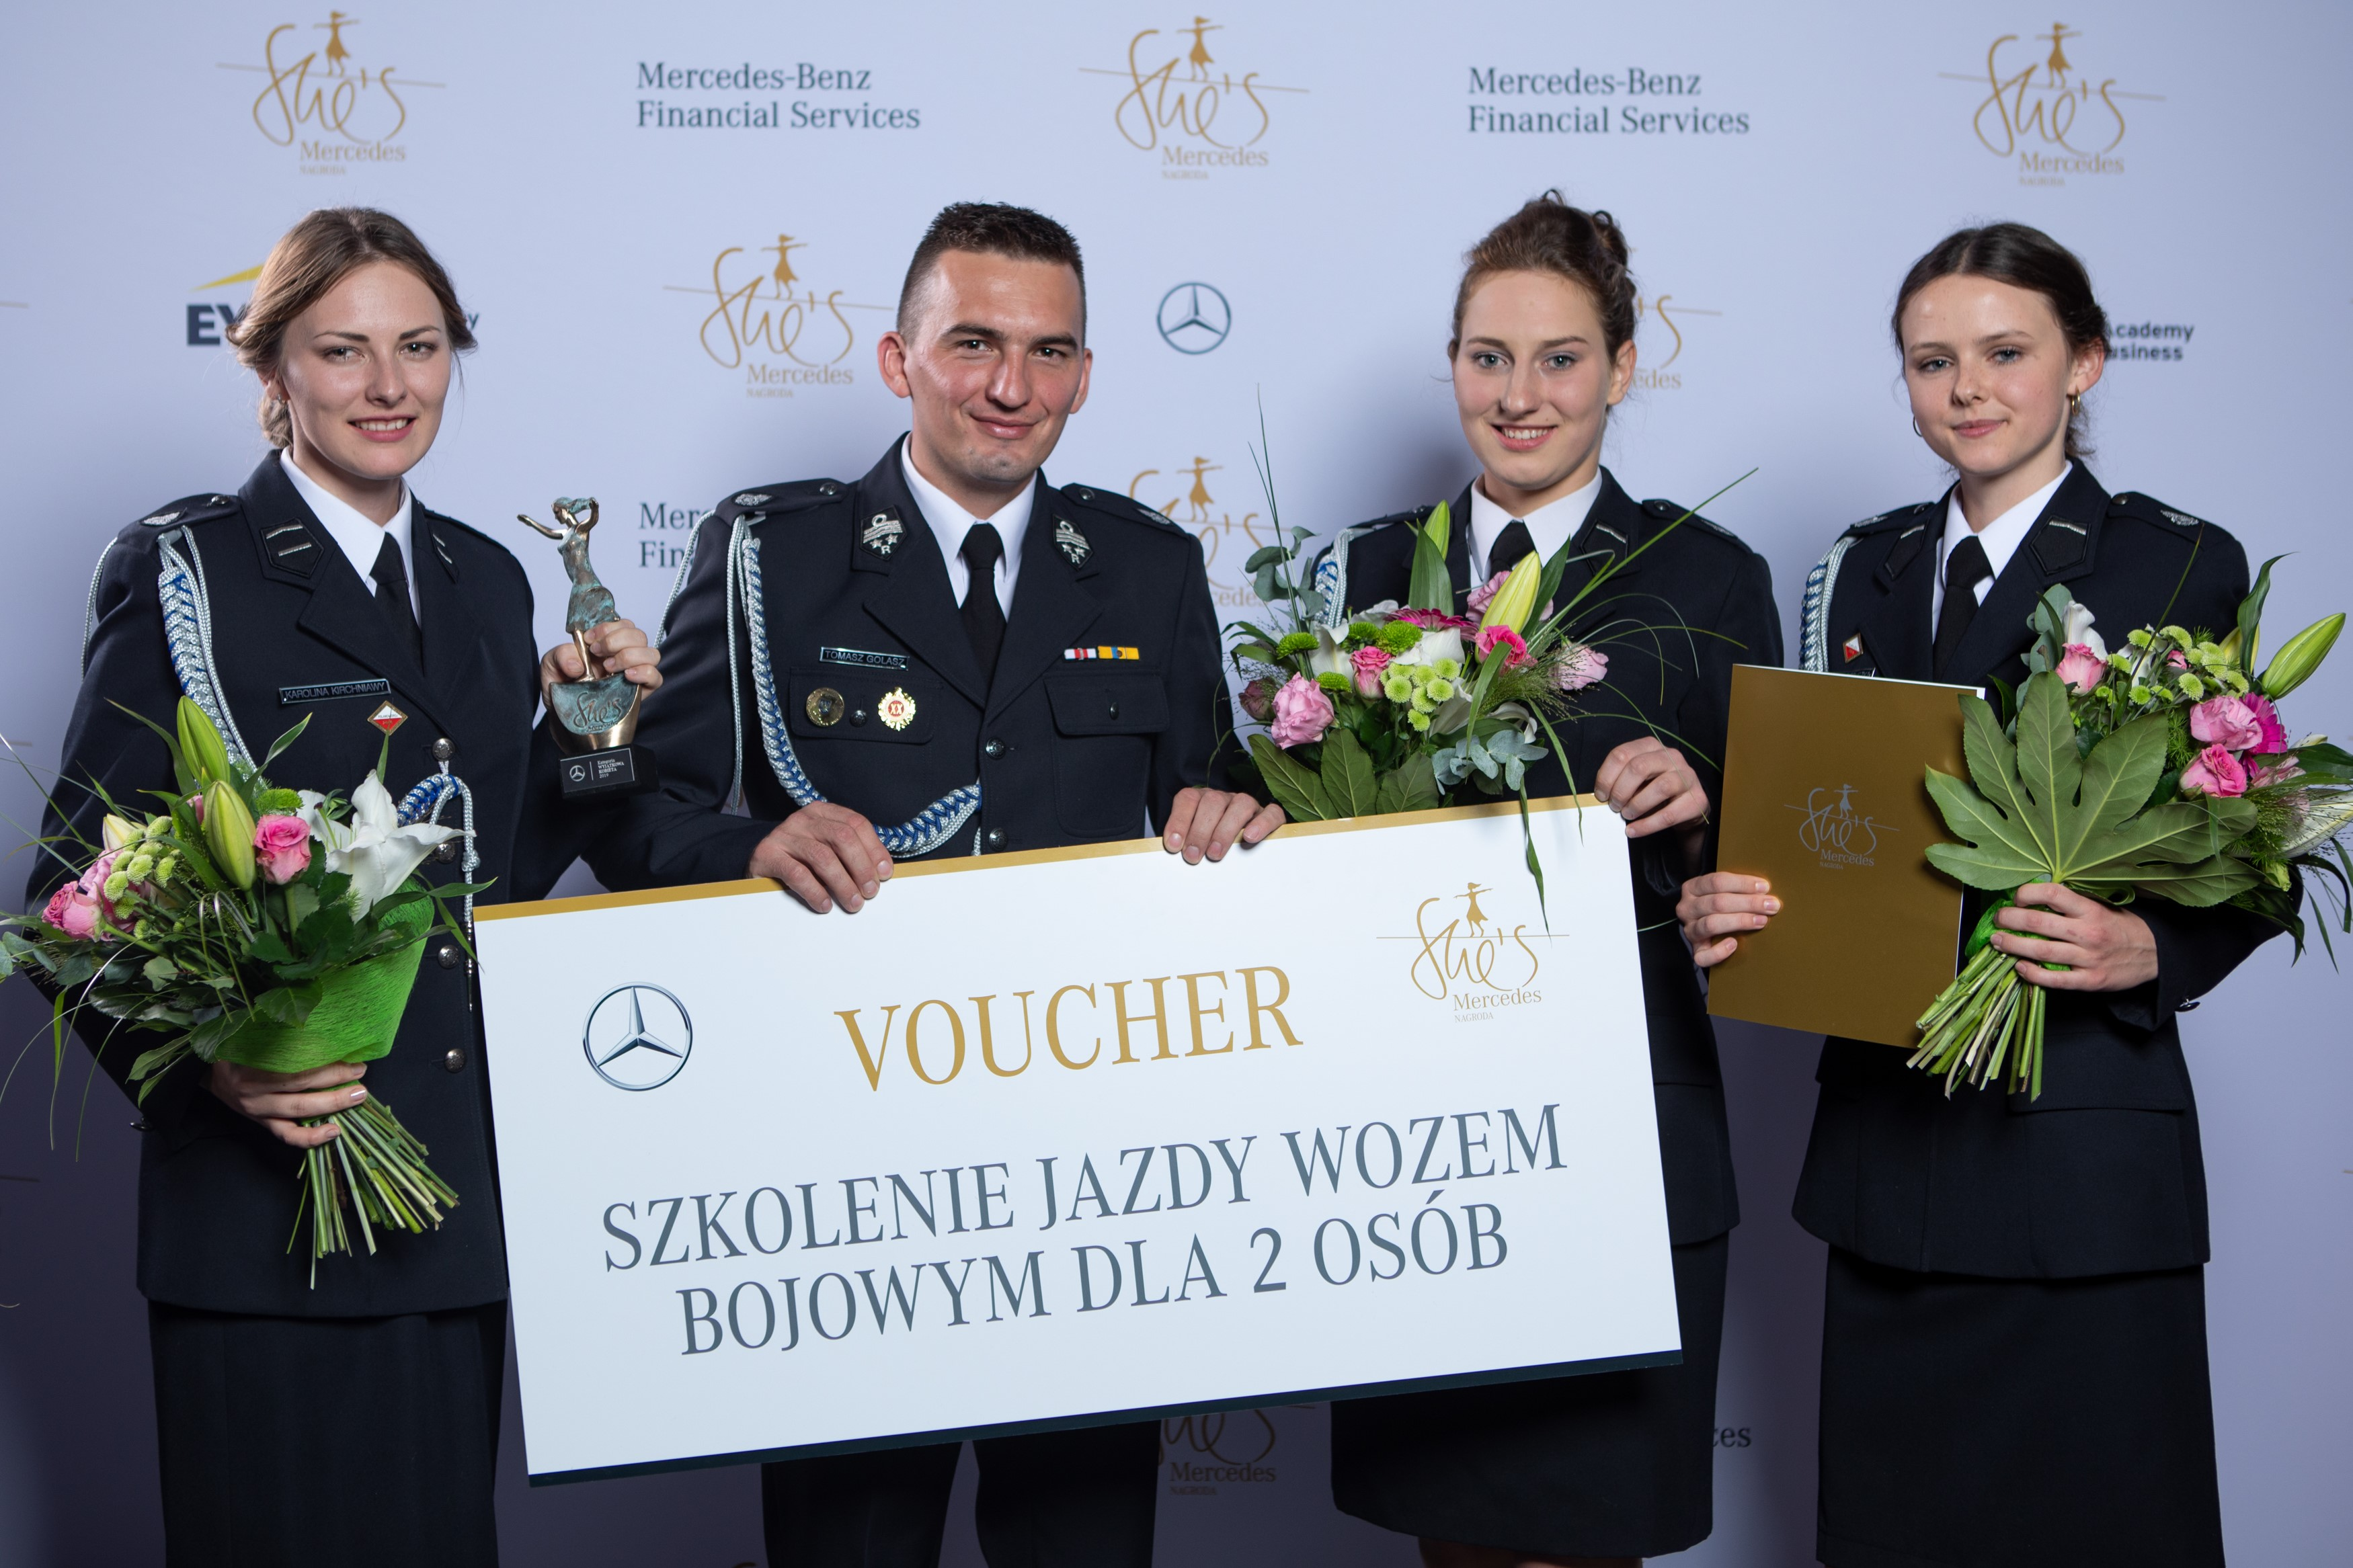 Jedną z nagród w plebiscycie She's Mercedes było szkolenie jazdą wozem bojowym. Na zdjęciu reprezentanci OSP Miejsce Odrzańskie, których uhonorowano wyróżnieniem za kobiety służące w tej jednostce staży pożarnej. (fot. Daimler/materiały prasowe)